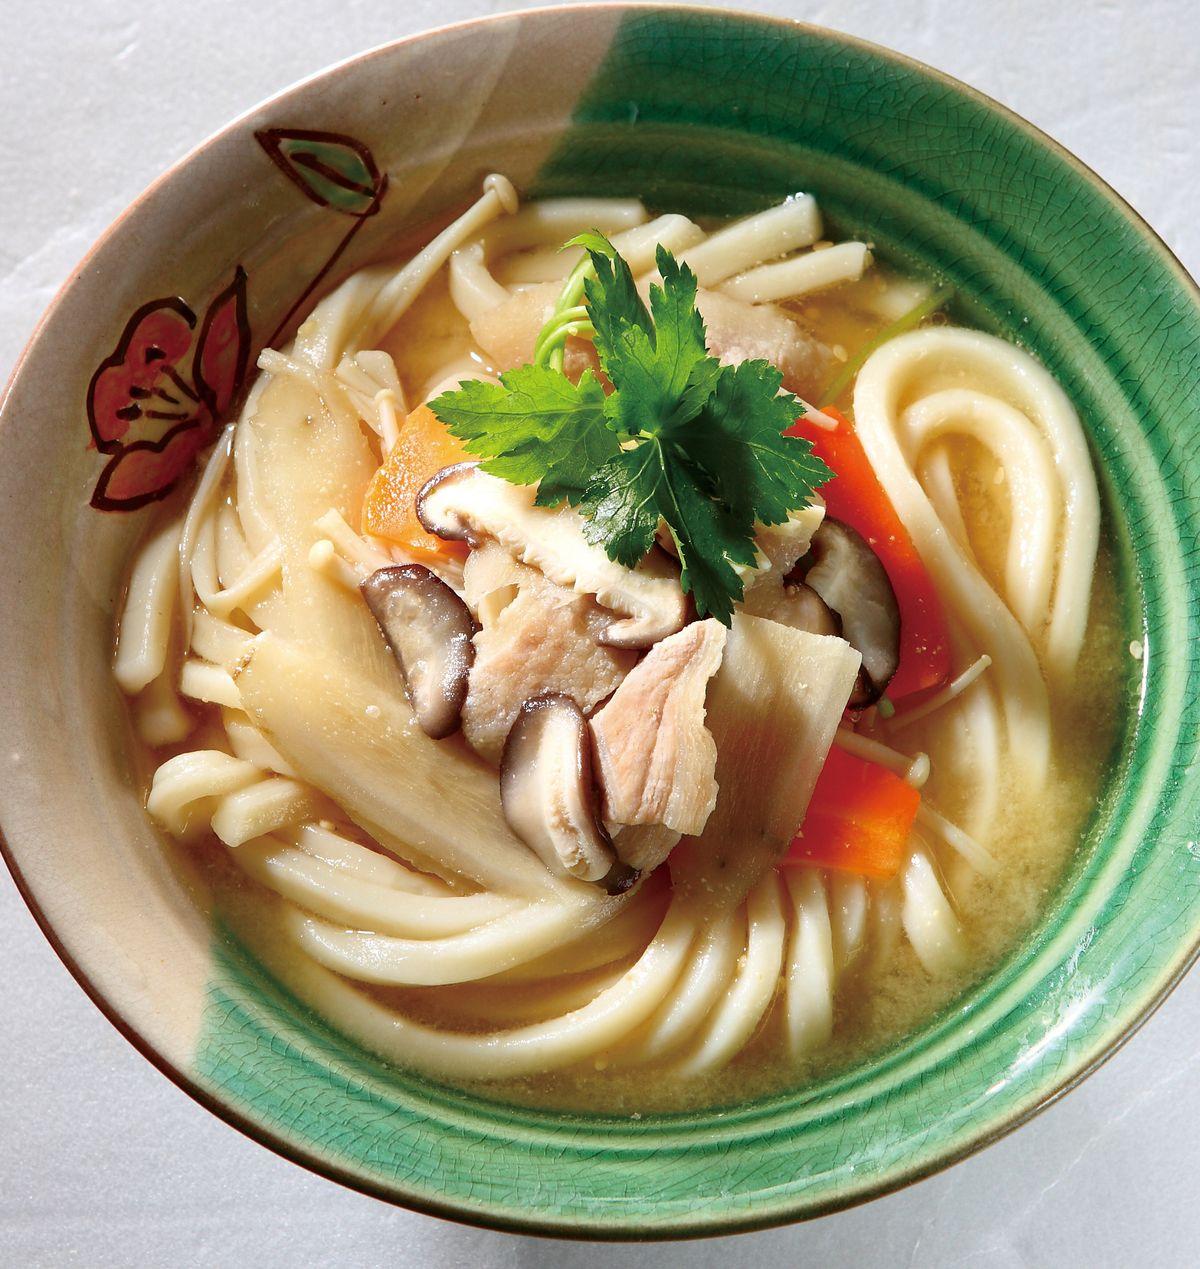 食譜:豚汁烏龍麵